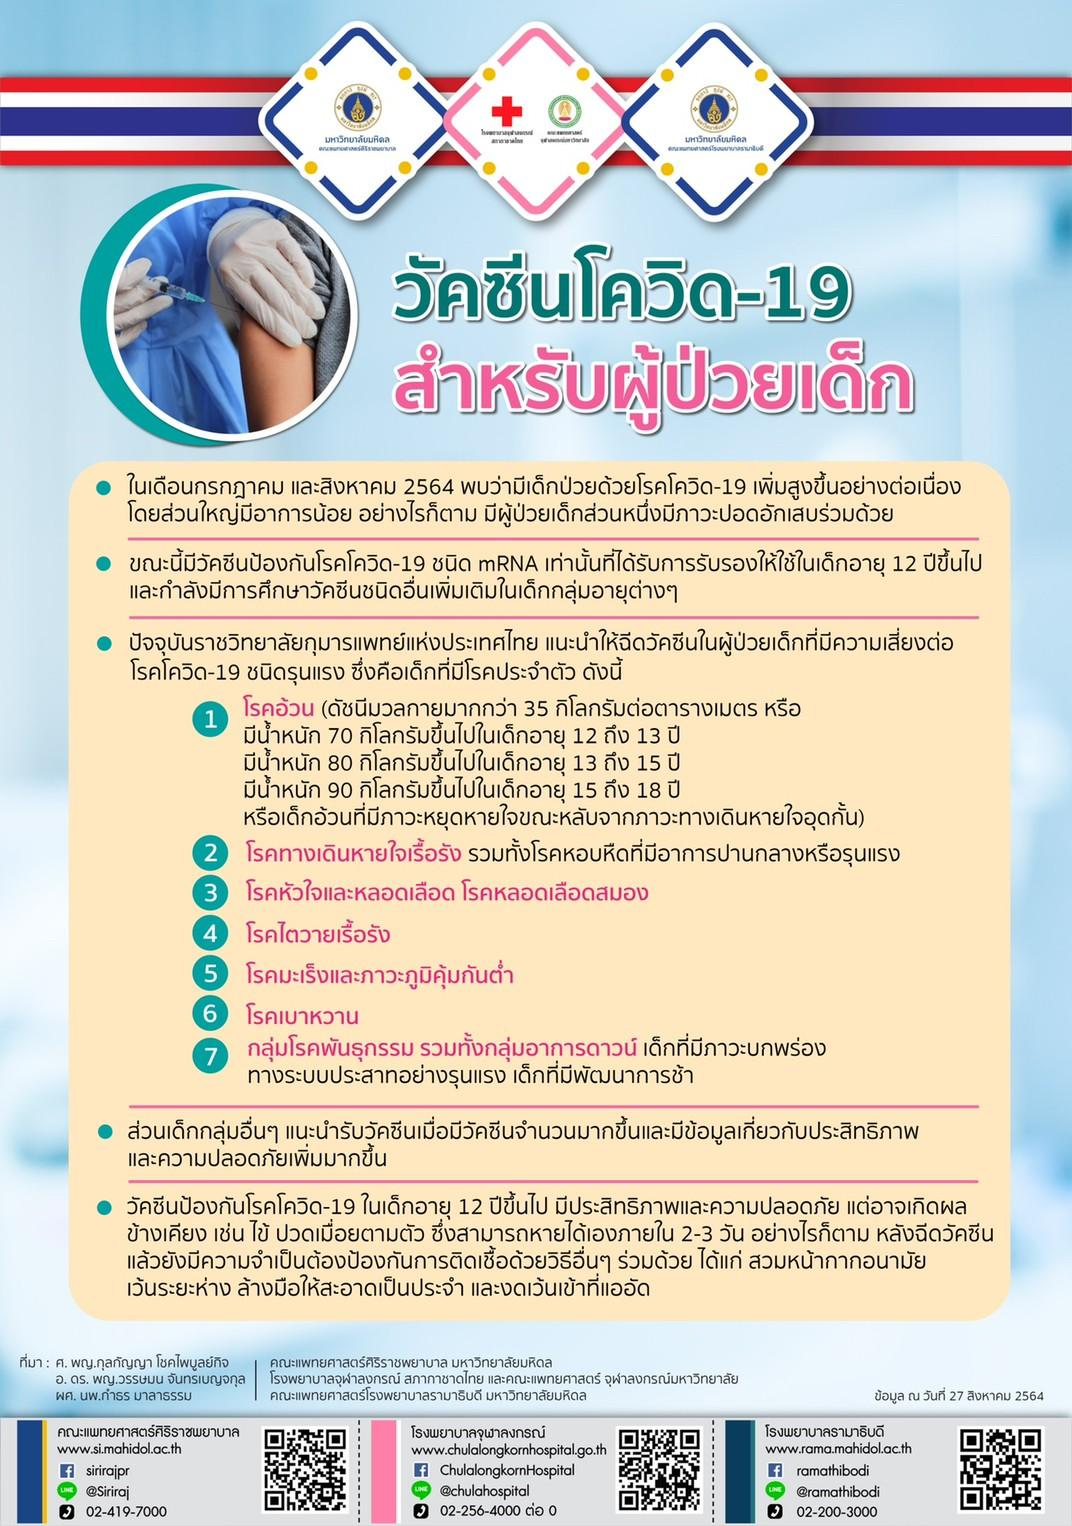 วัคซีนโควิด-19 สำหรับผู้ป่วยเด็ก